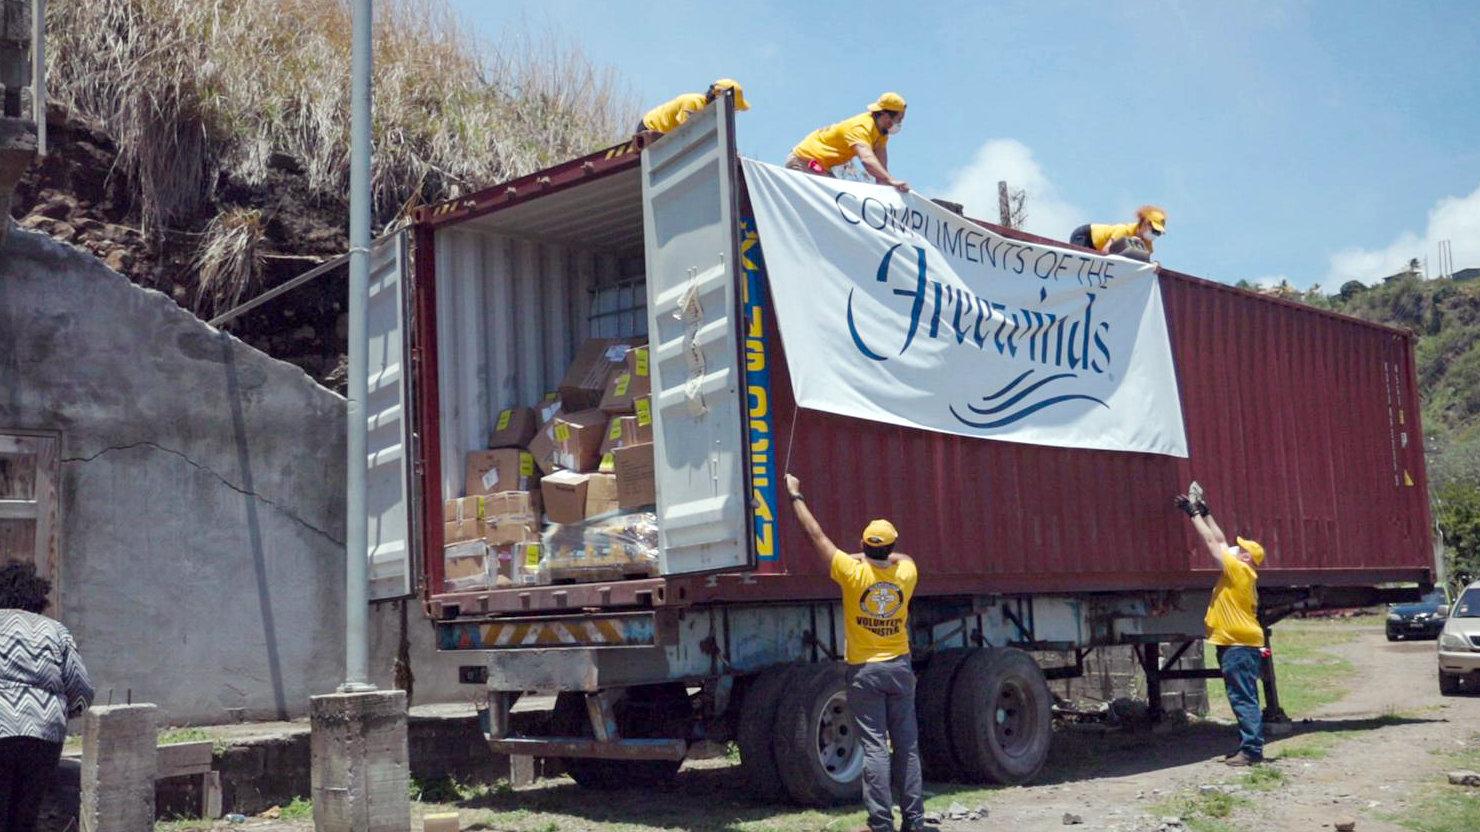 Et hold Frivillige Hjælpere losser en container med vigtige forsyninger, som Freewinds sendte til øen med støtte fra IAS.